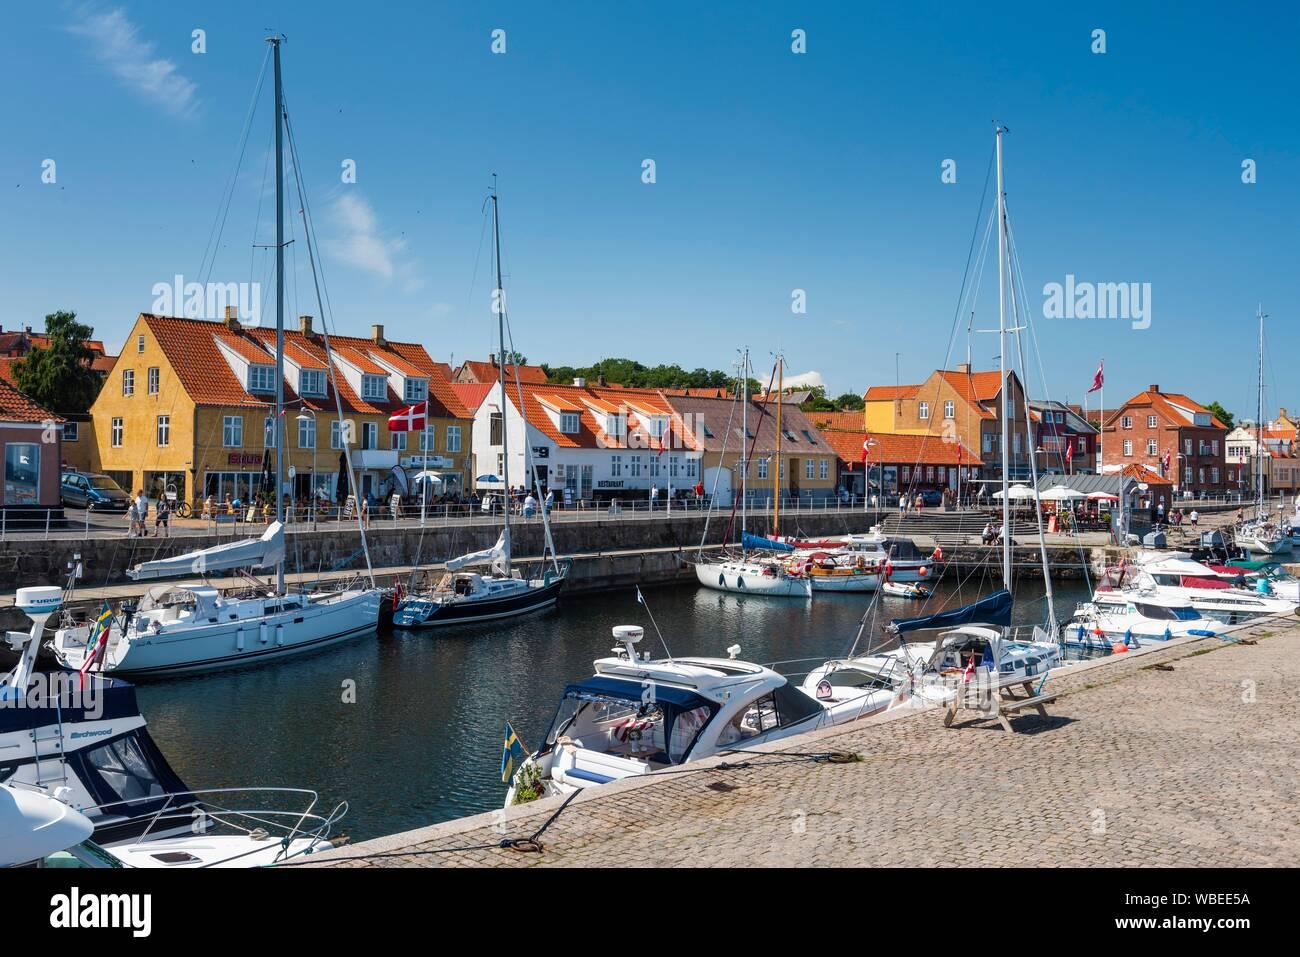 Allinge-Sandvig